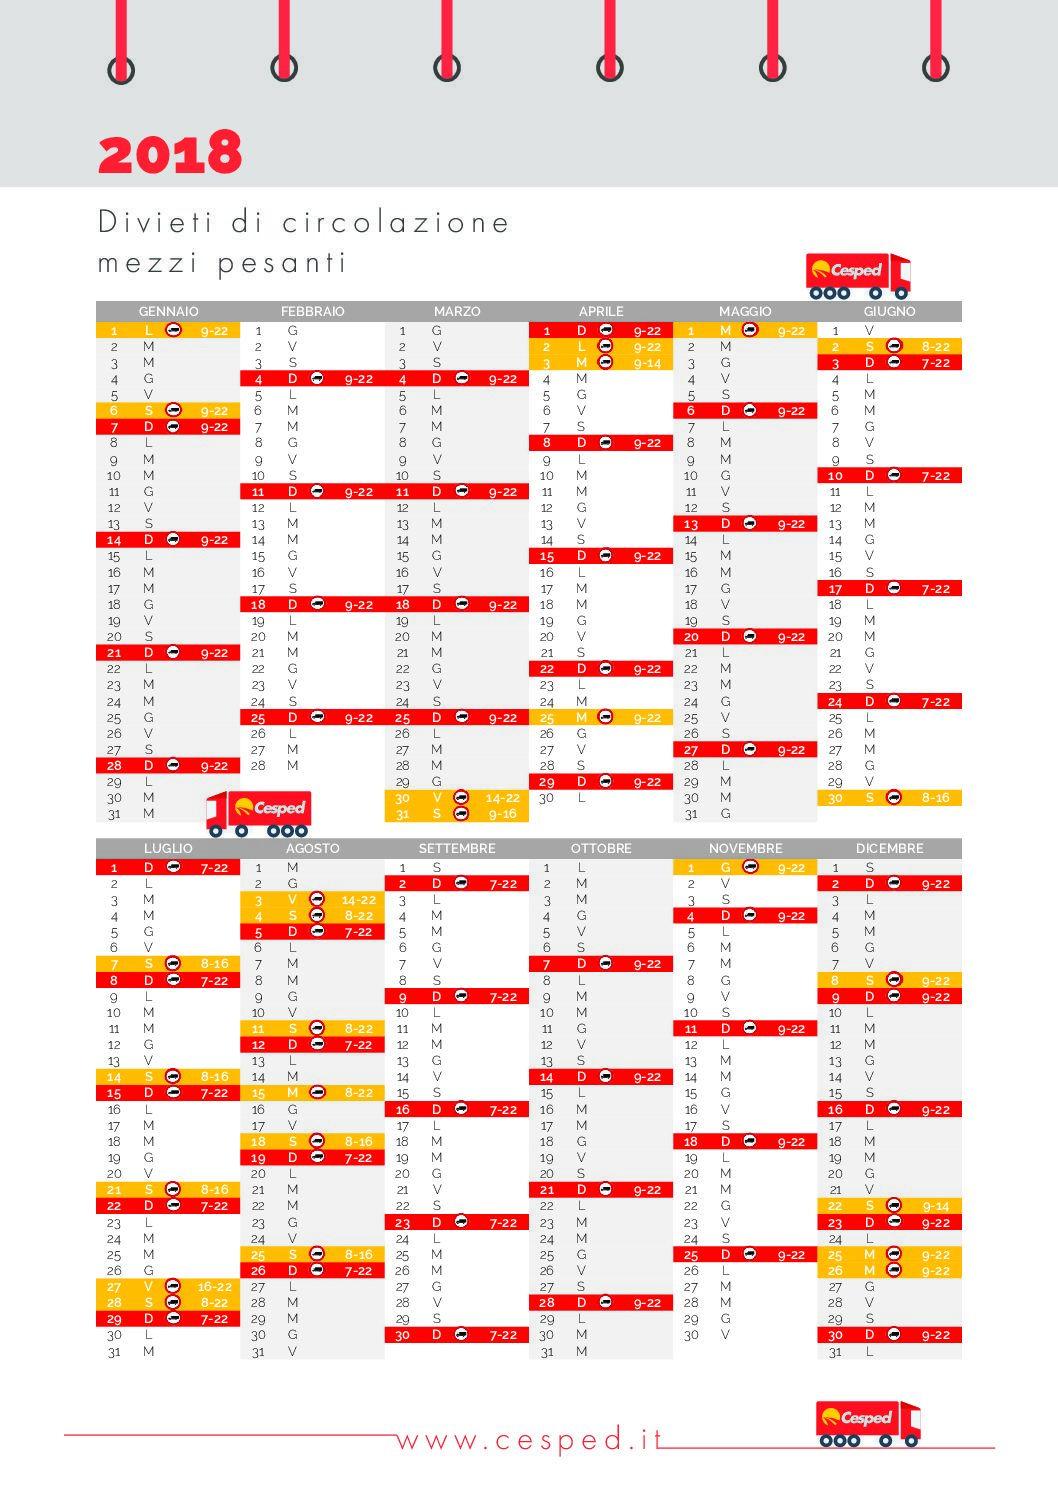 Calendario Divieto Circolazione Mezzi Pesanti.Calendario 2018 Divieti Di Circolazione Per Mezzi Pesanti